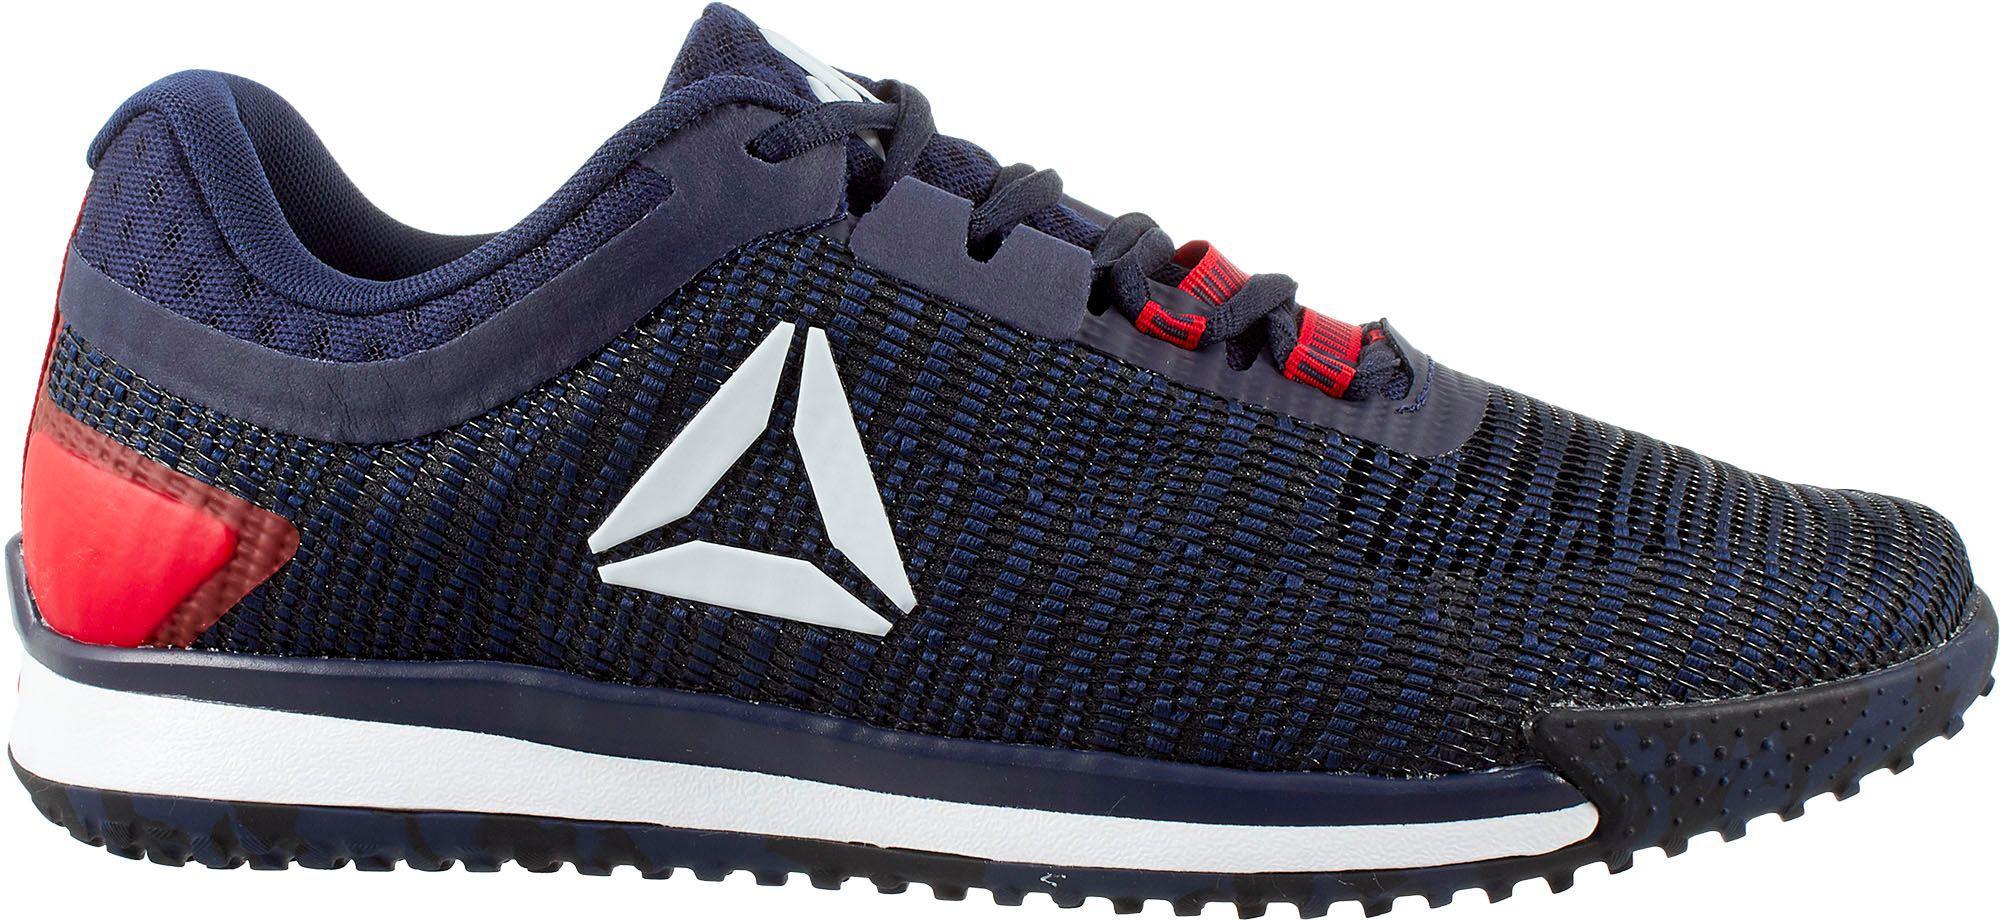 Lyst - Reebok Jj Watt Ii Tr Training Shoes in Blue for Men 6dda891d1